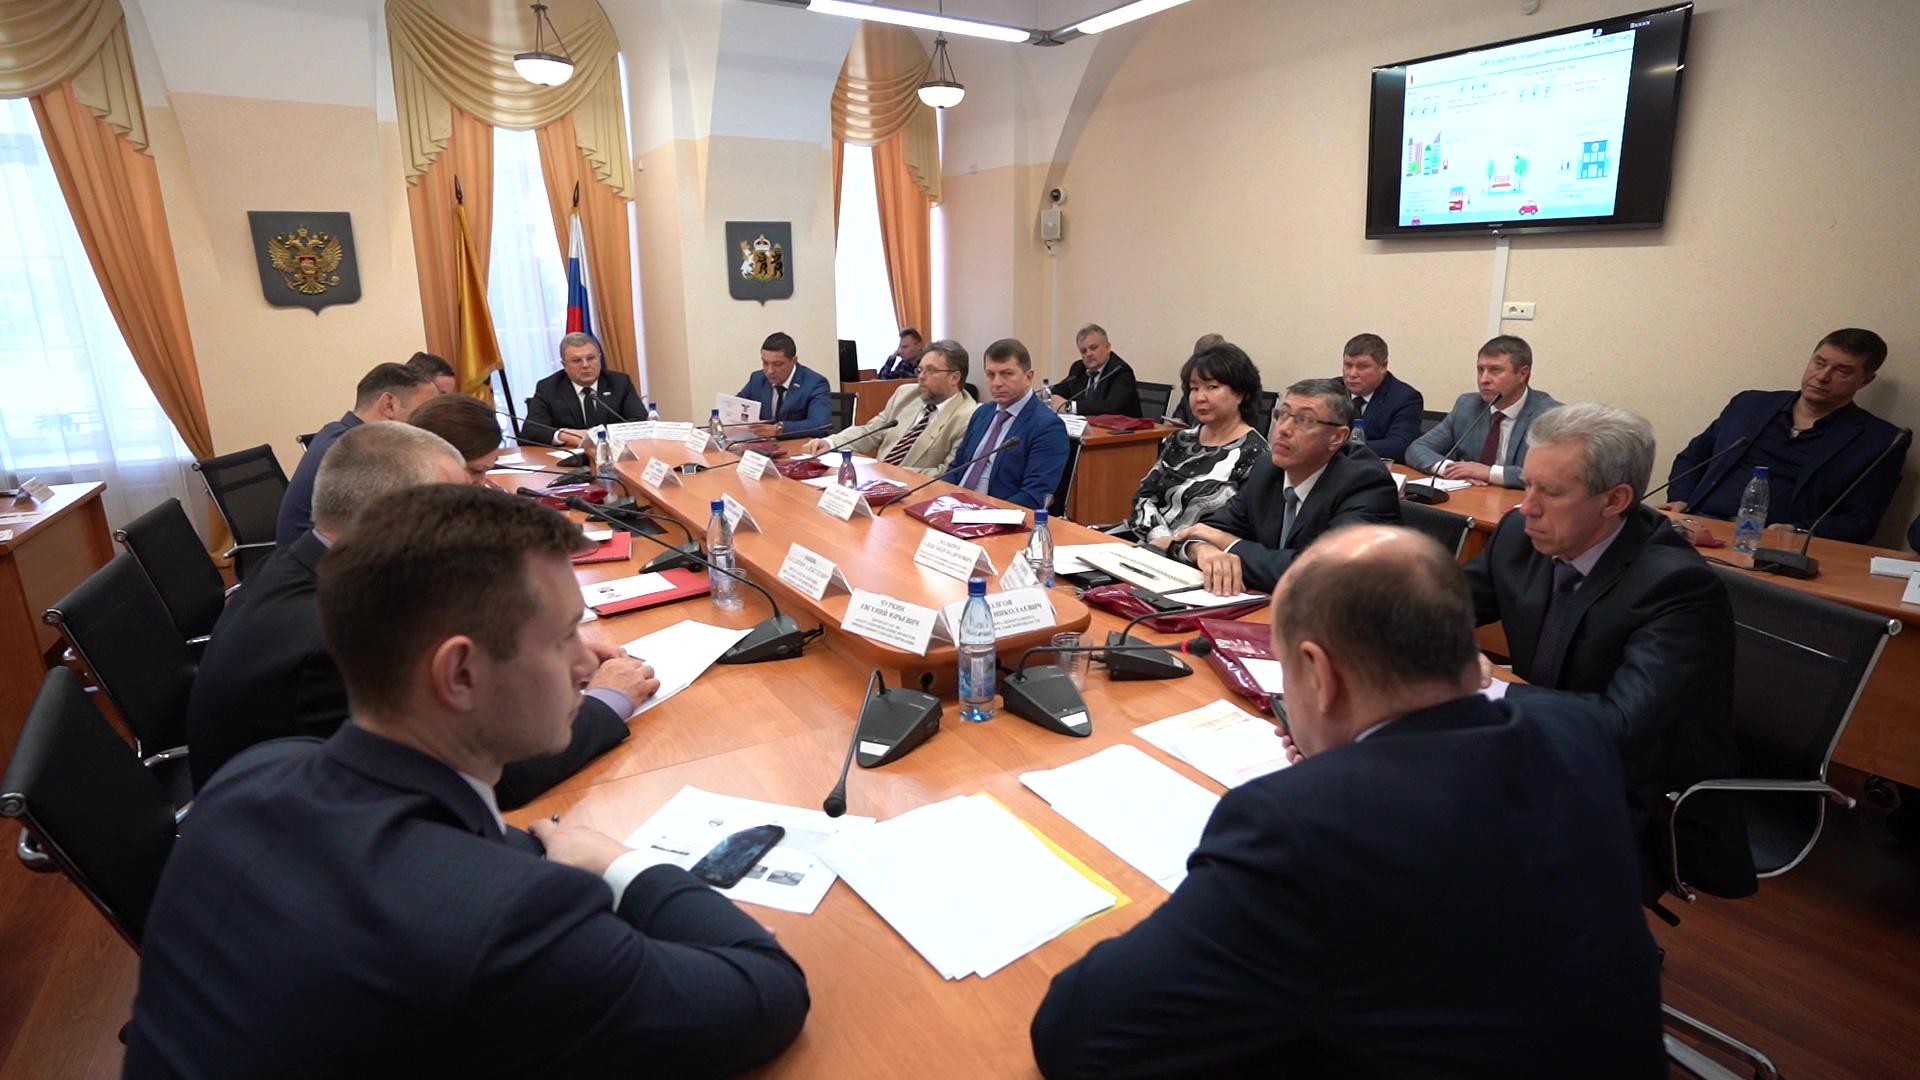 В облдуме обсудили бюджет текущего года и реализацию проекта «Решаем вместе!»